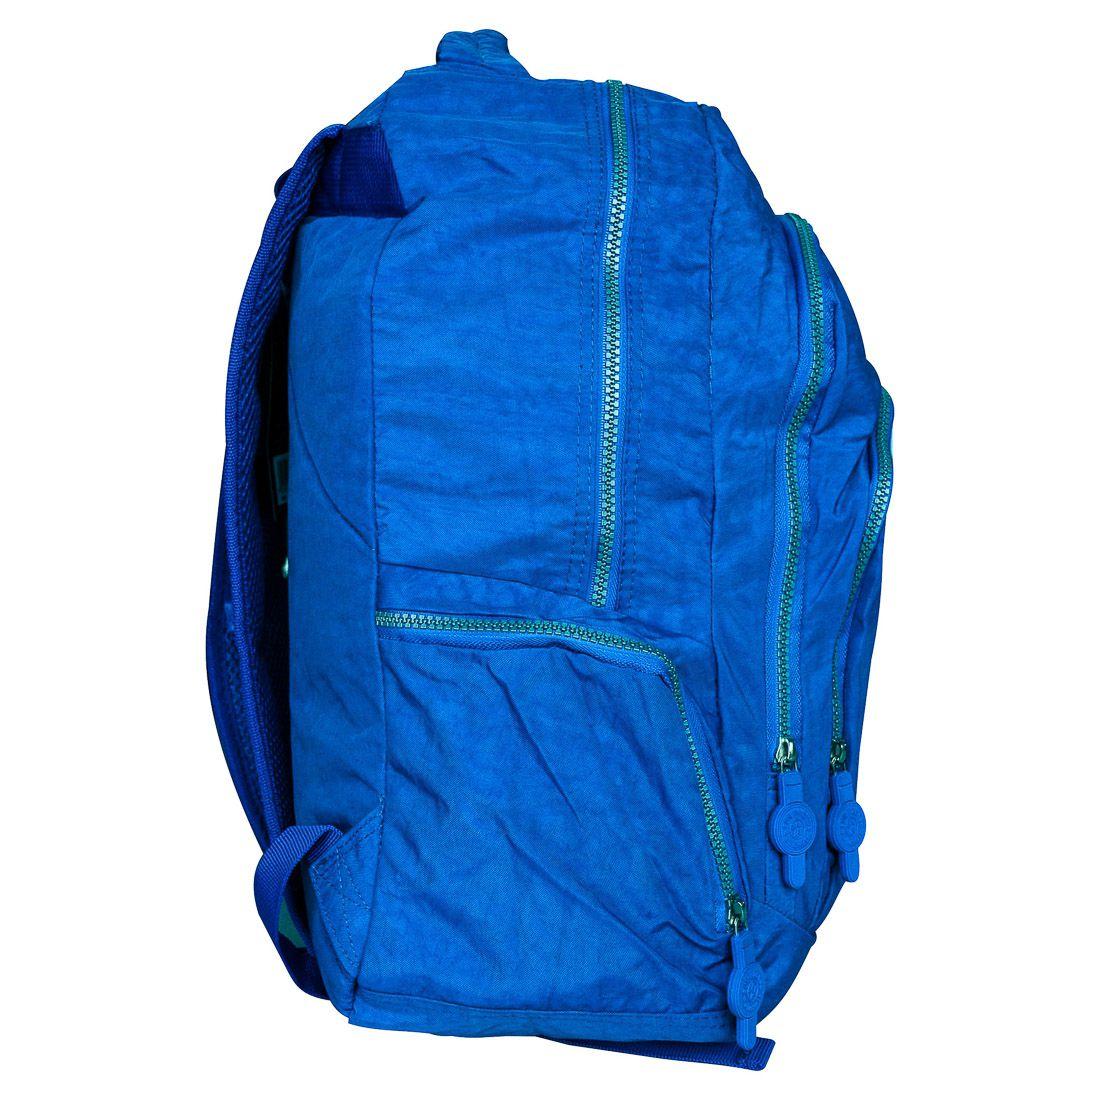 Mochila Escolar para Notebook com Estojo Azul